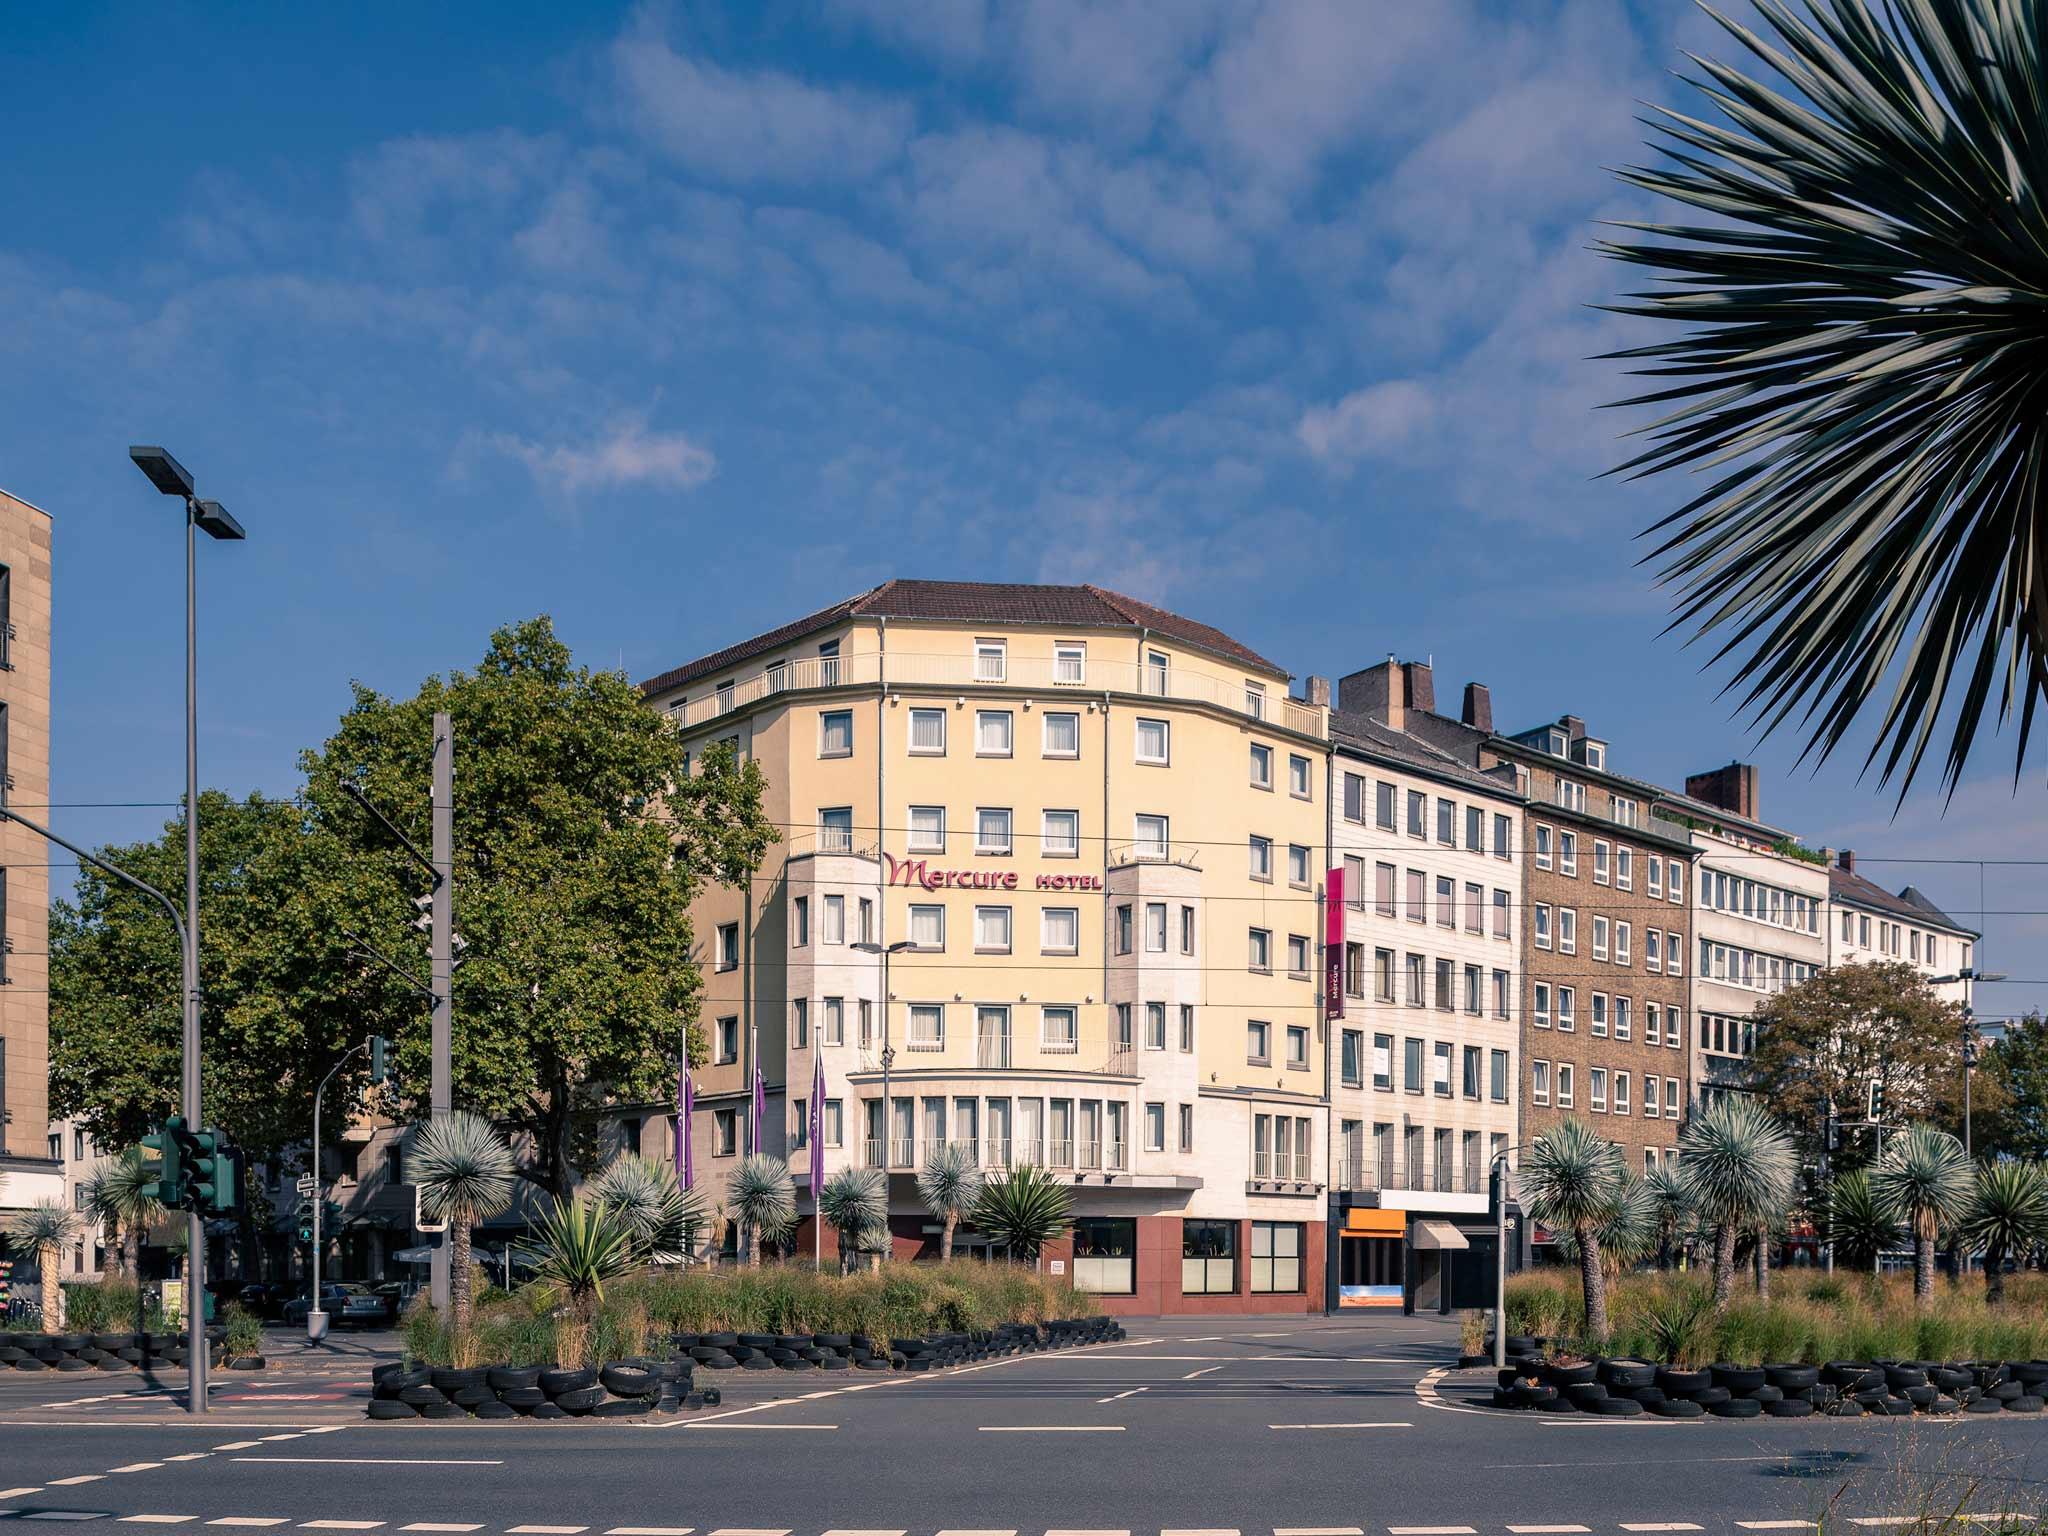 ホテル – メルキュールホテルデュッセルドルフシティセンター